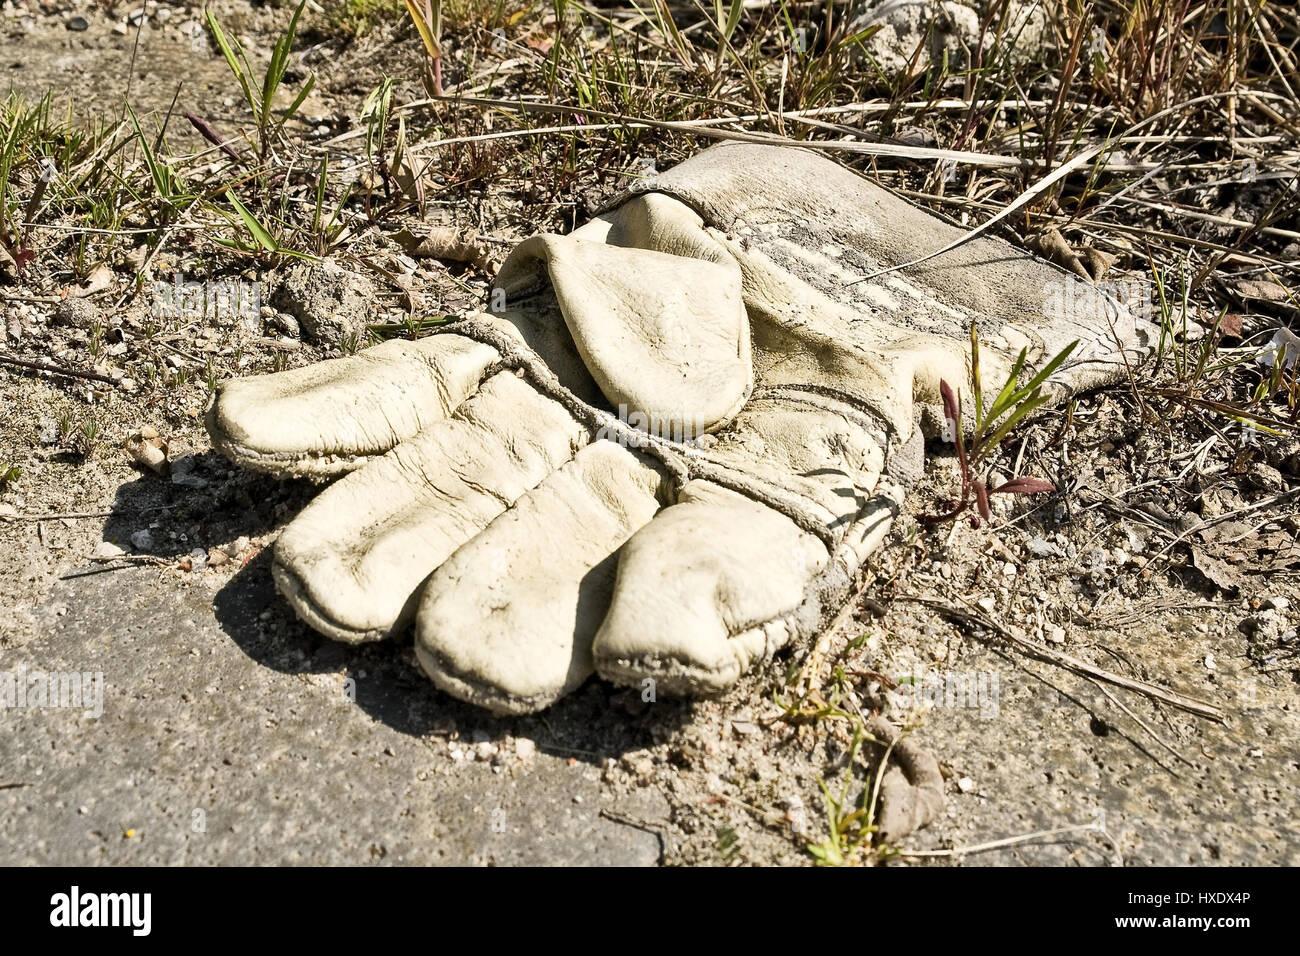 Thrown away working glove, Discarded work glove |, Weggeworfener Arbeitshandschuh |Discarded work glove| Stock Photo